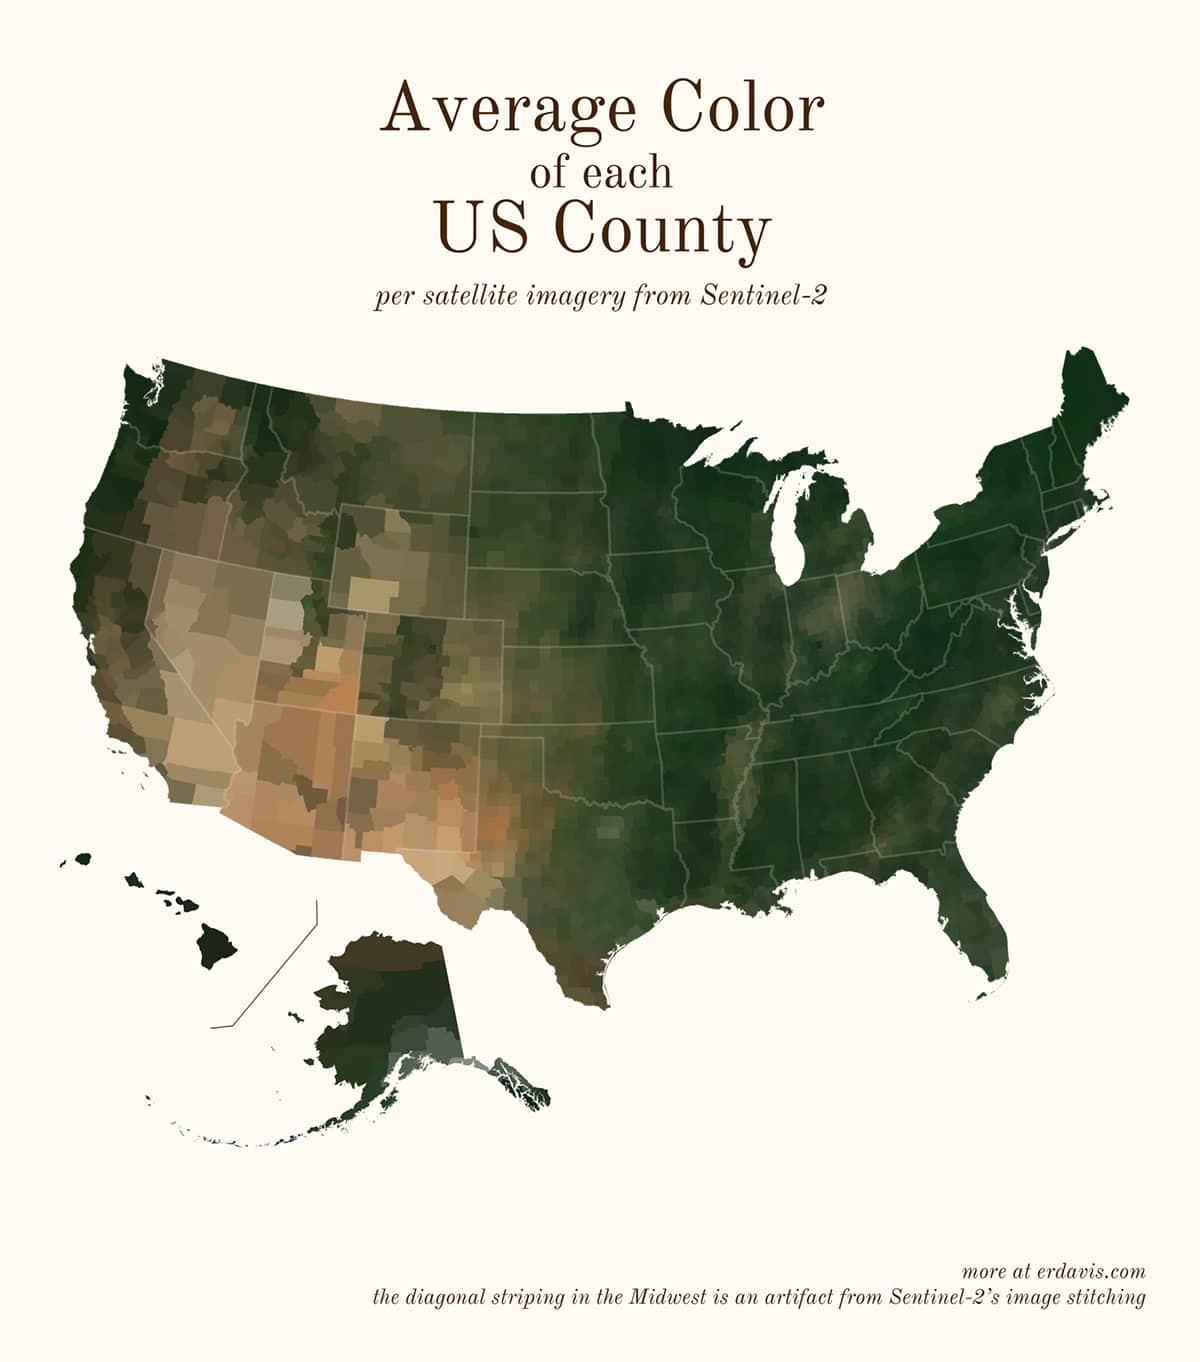 Средний цвет каждого округа США